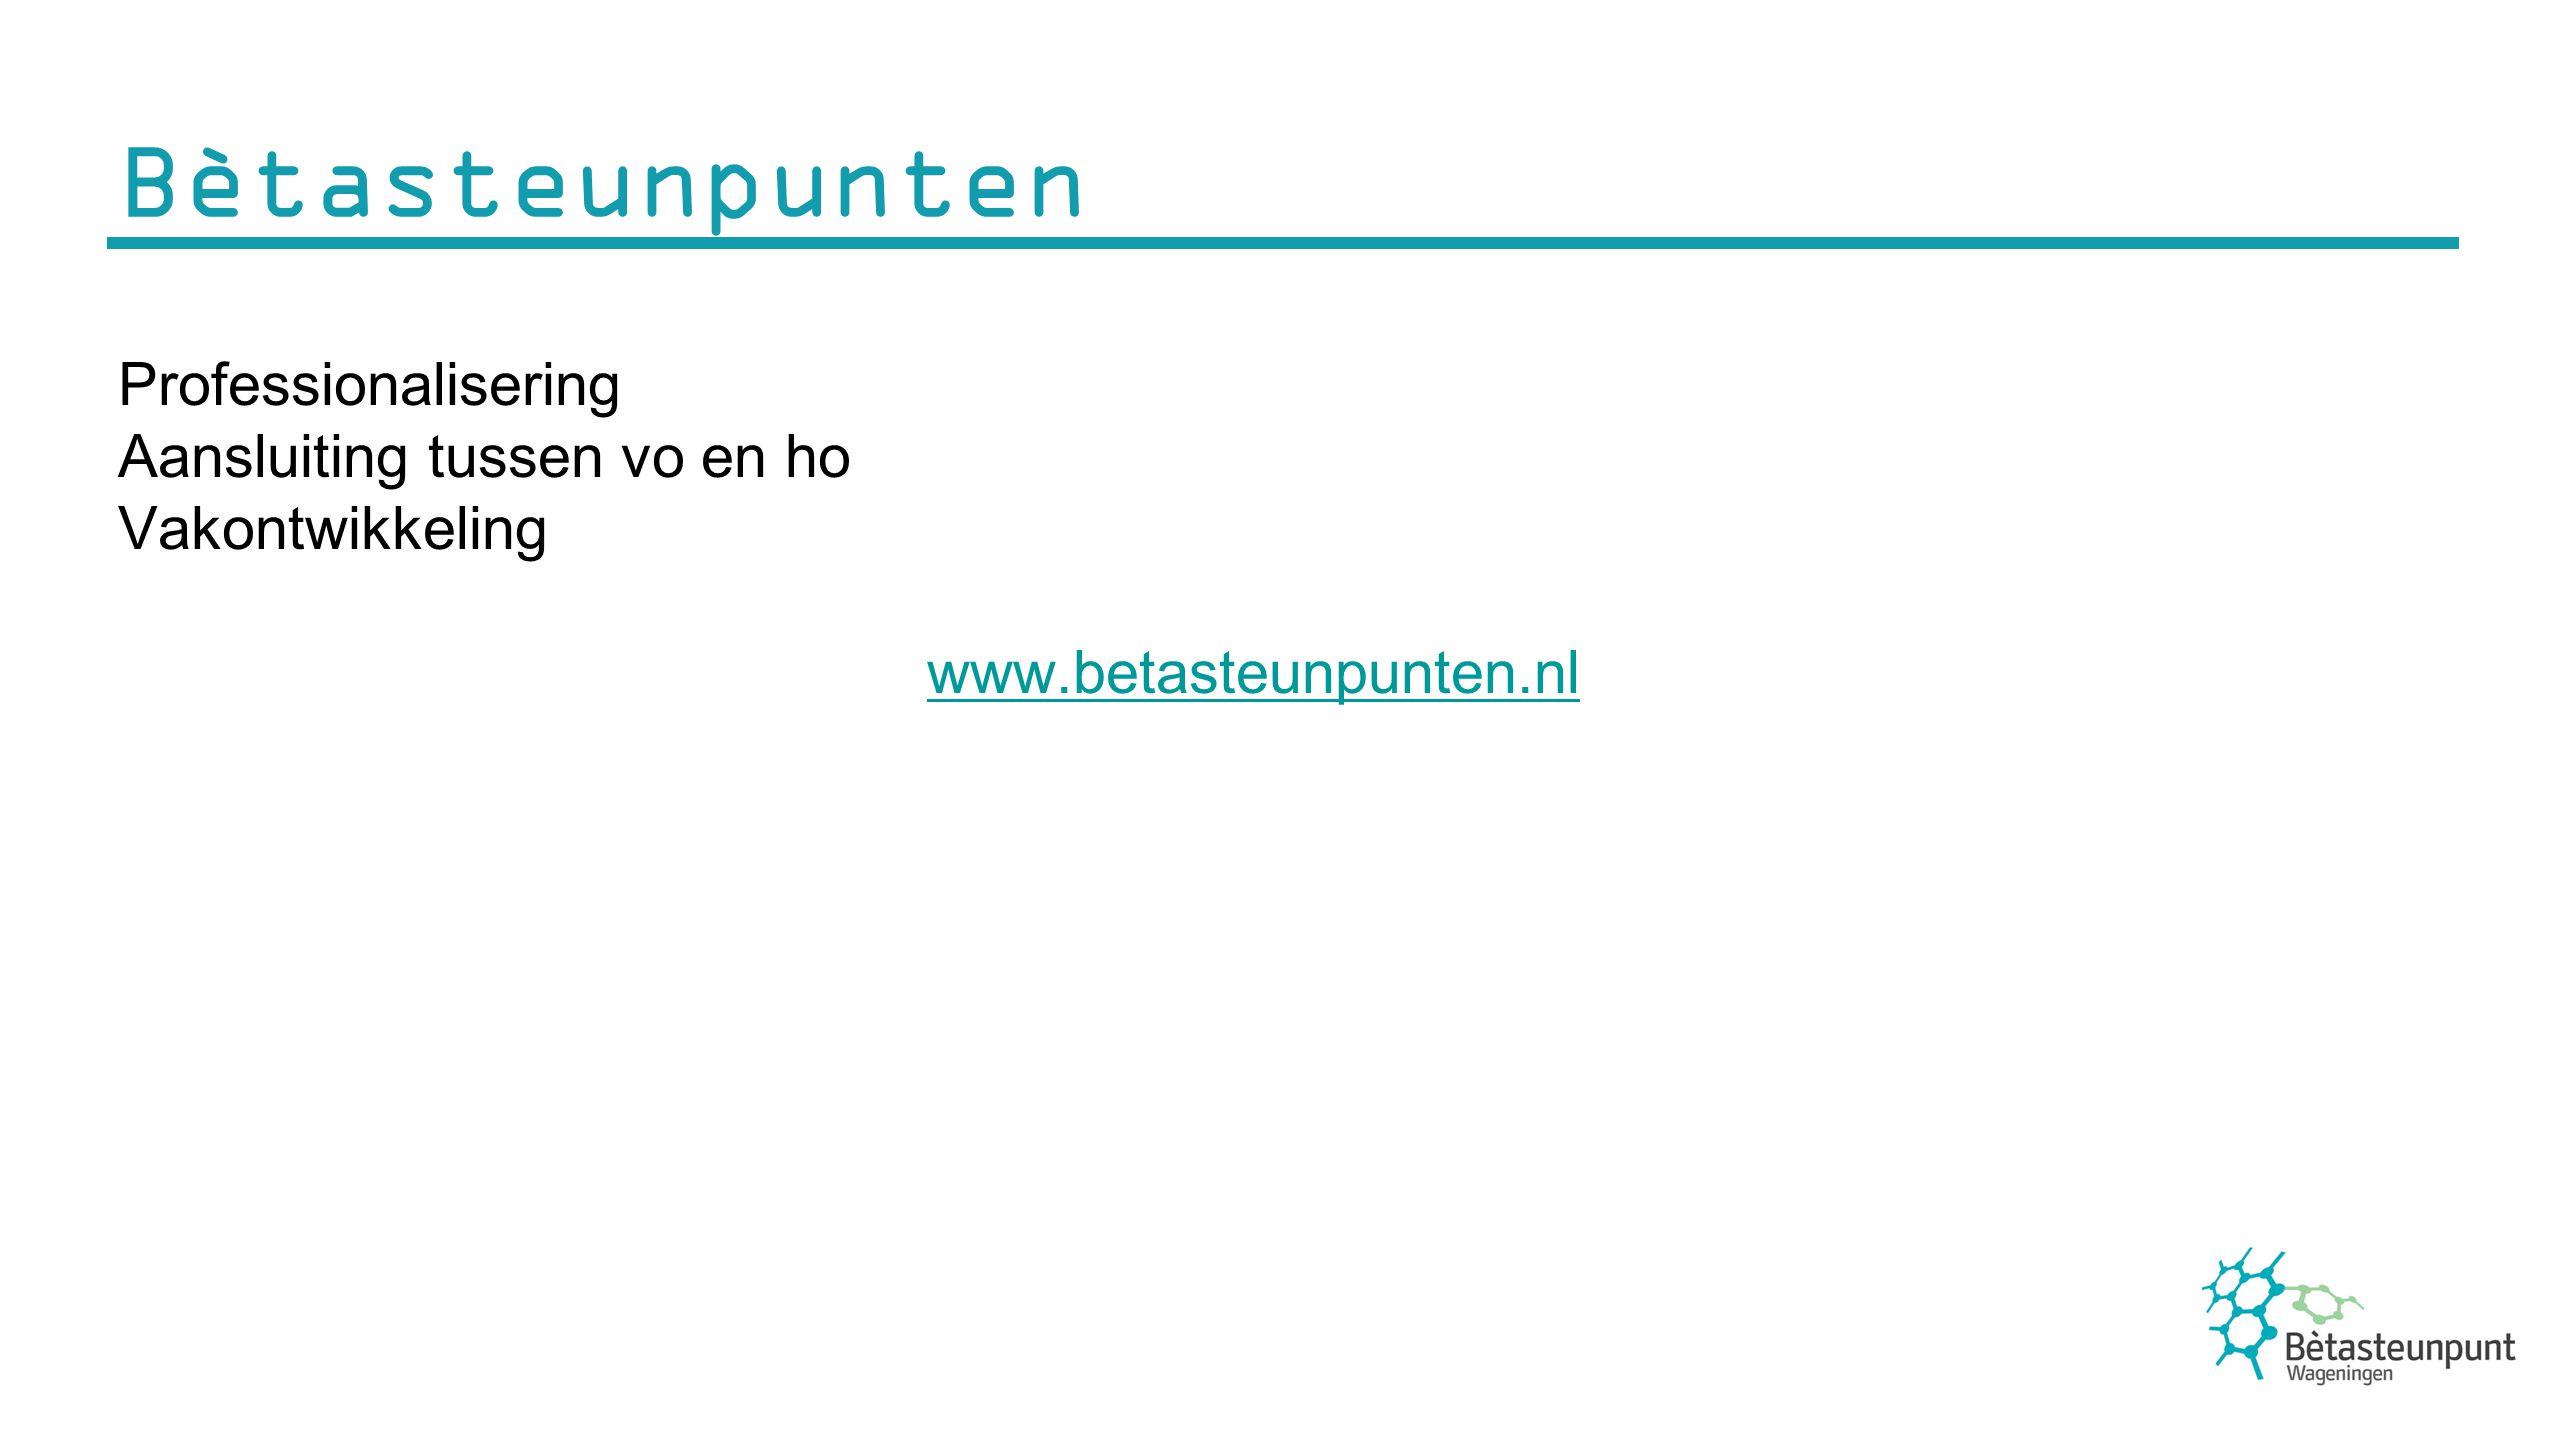 Bètasteunpunt Wageningen heeft de ambitie de bètakennis uit het groene domein specifiek in te zetten om het voortgezet onderwijs te versterken en de instroom richting Bèta- opleidingen te vergroten.